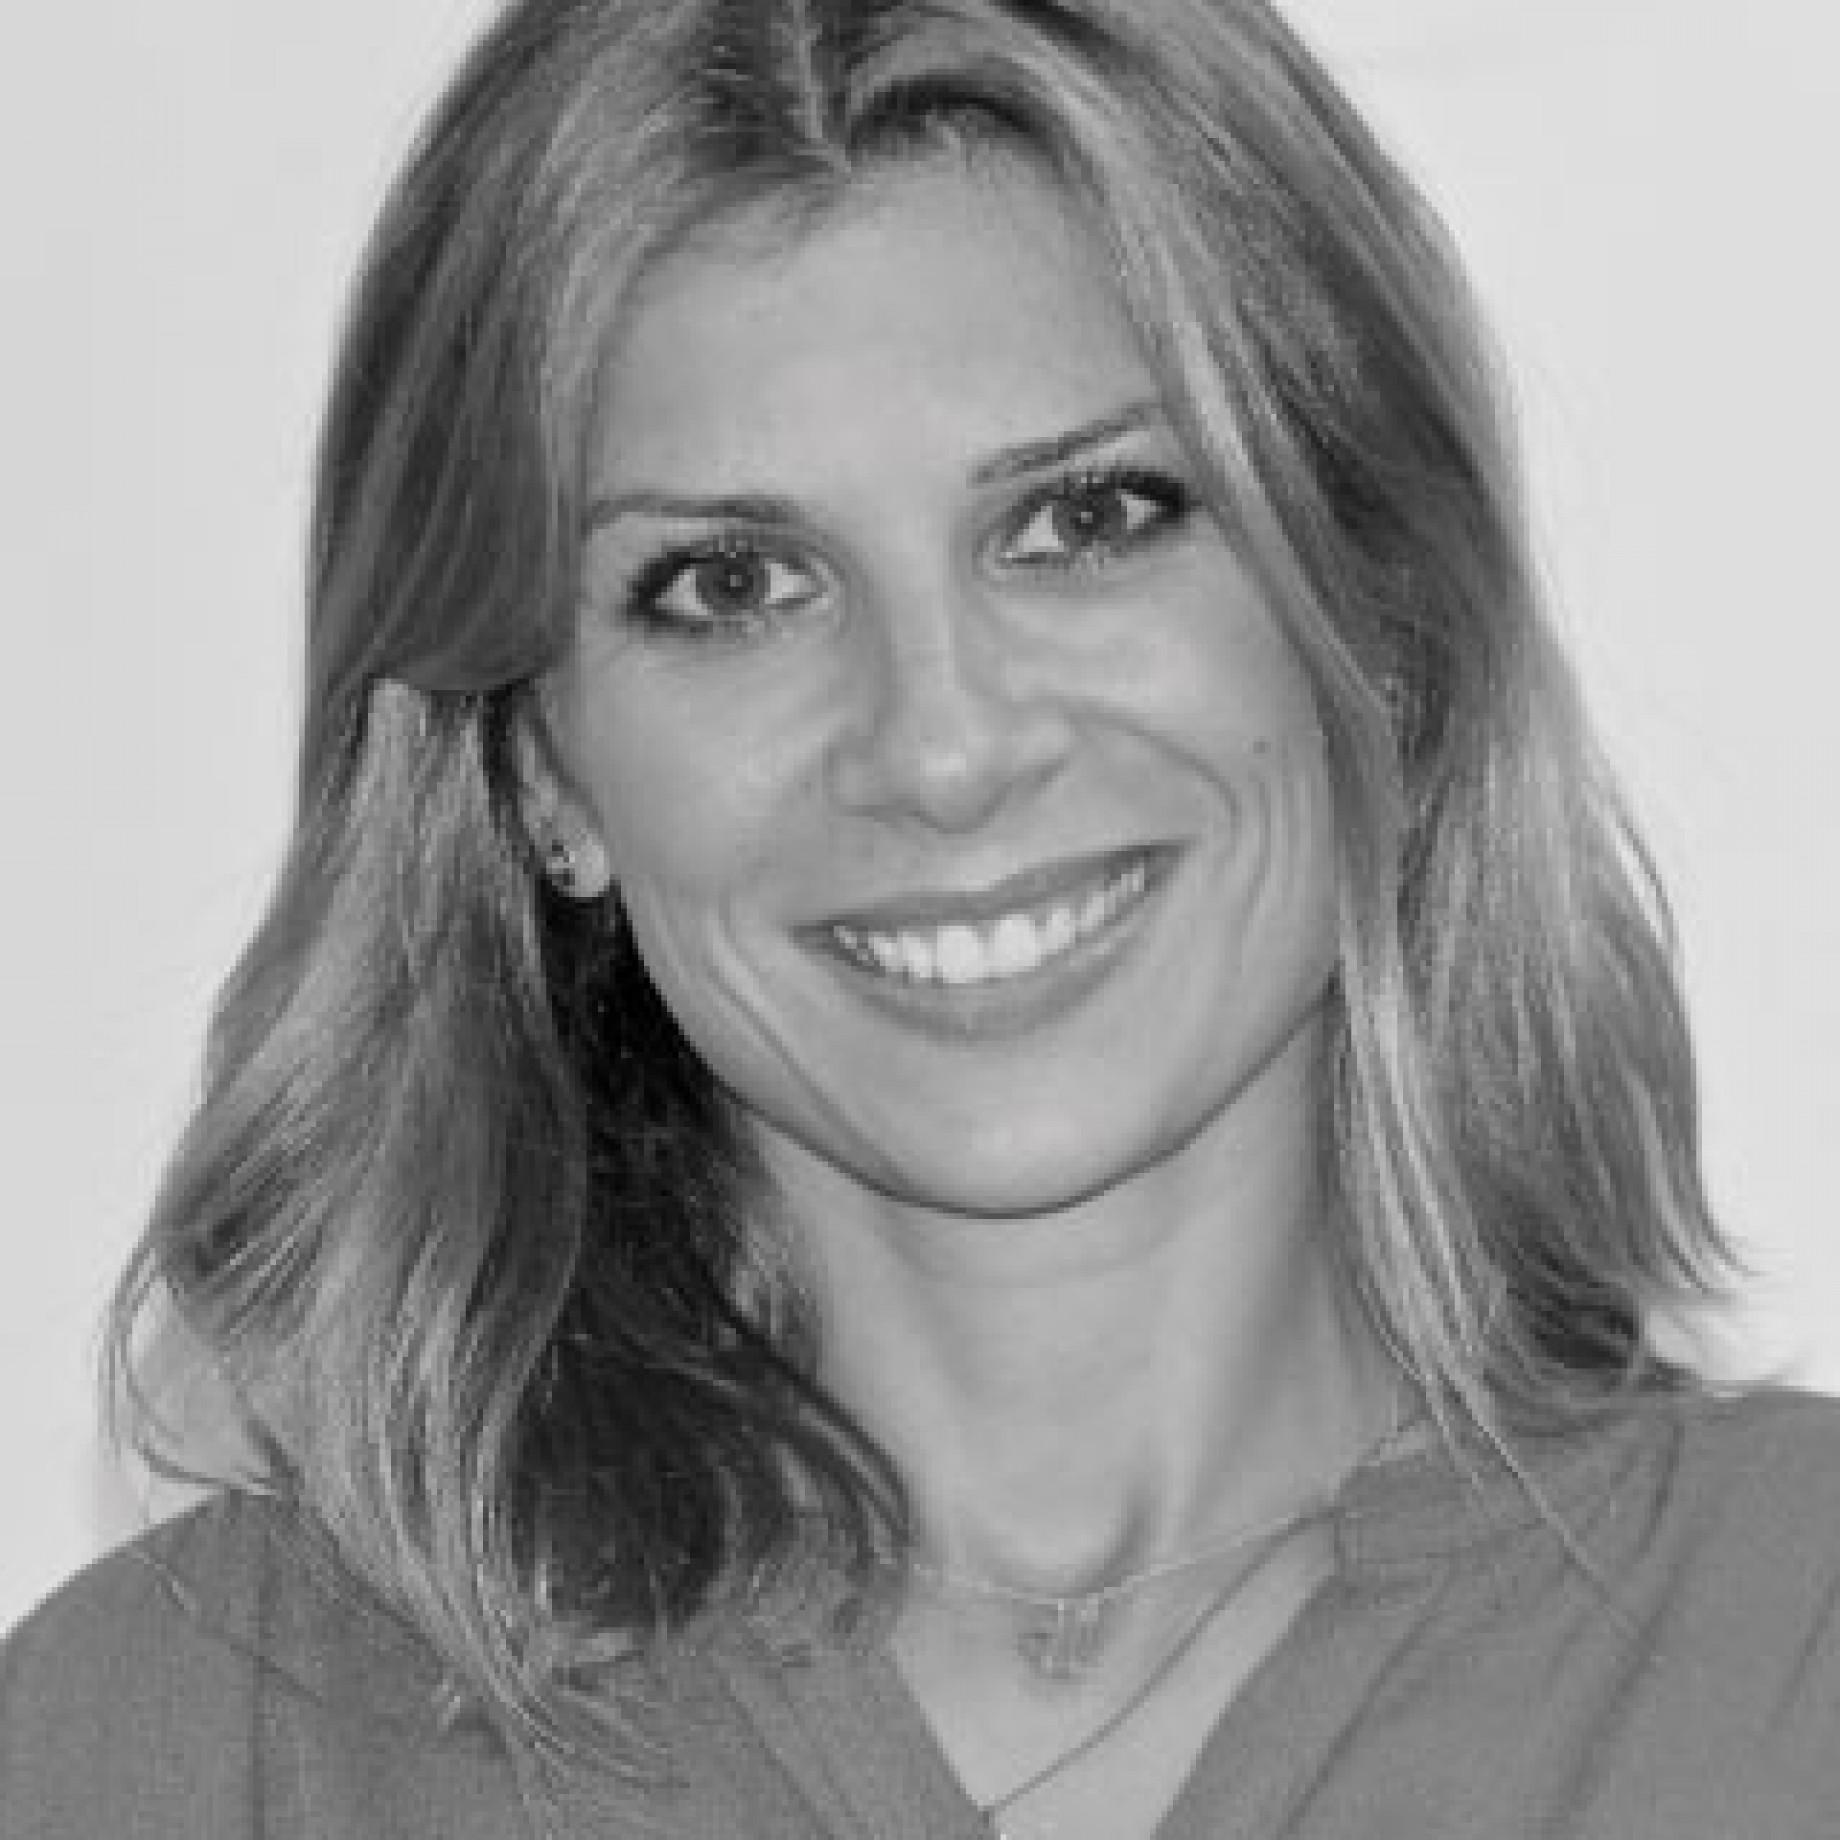 Marisa Aleixo